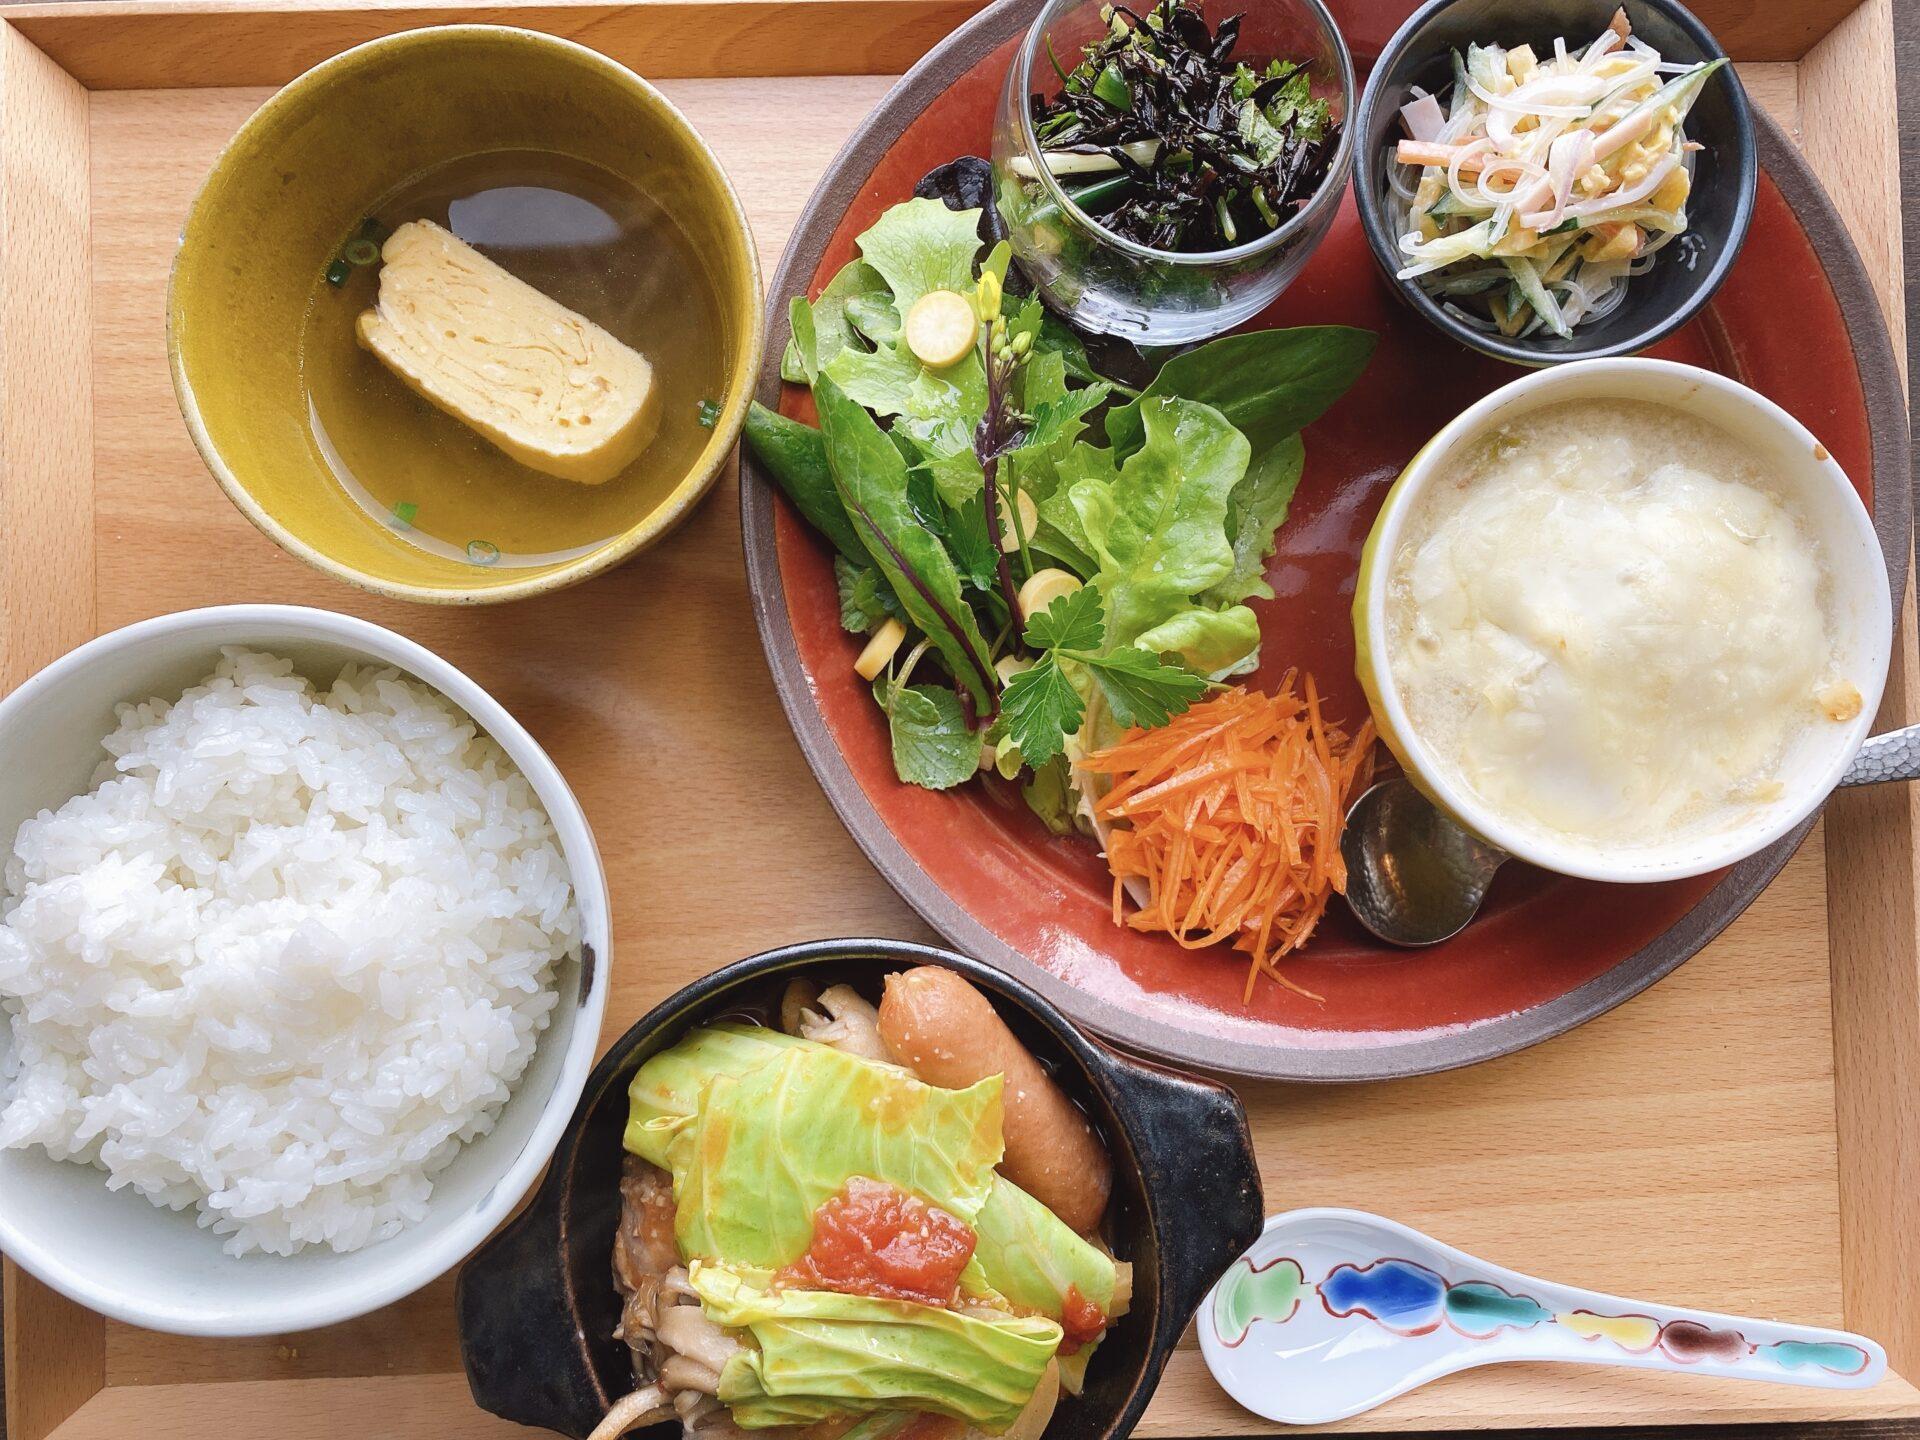 瀬戸駅から車で約6分 隠れ家のような Cafe kokuu(コクウ)で頂く<彩りランチプレート>が、どストライク!とろろとんかつも美味しそう